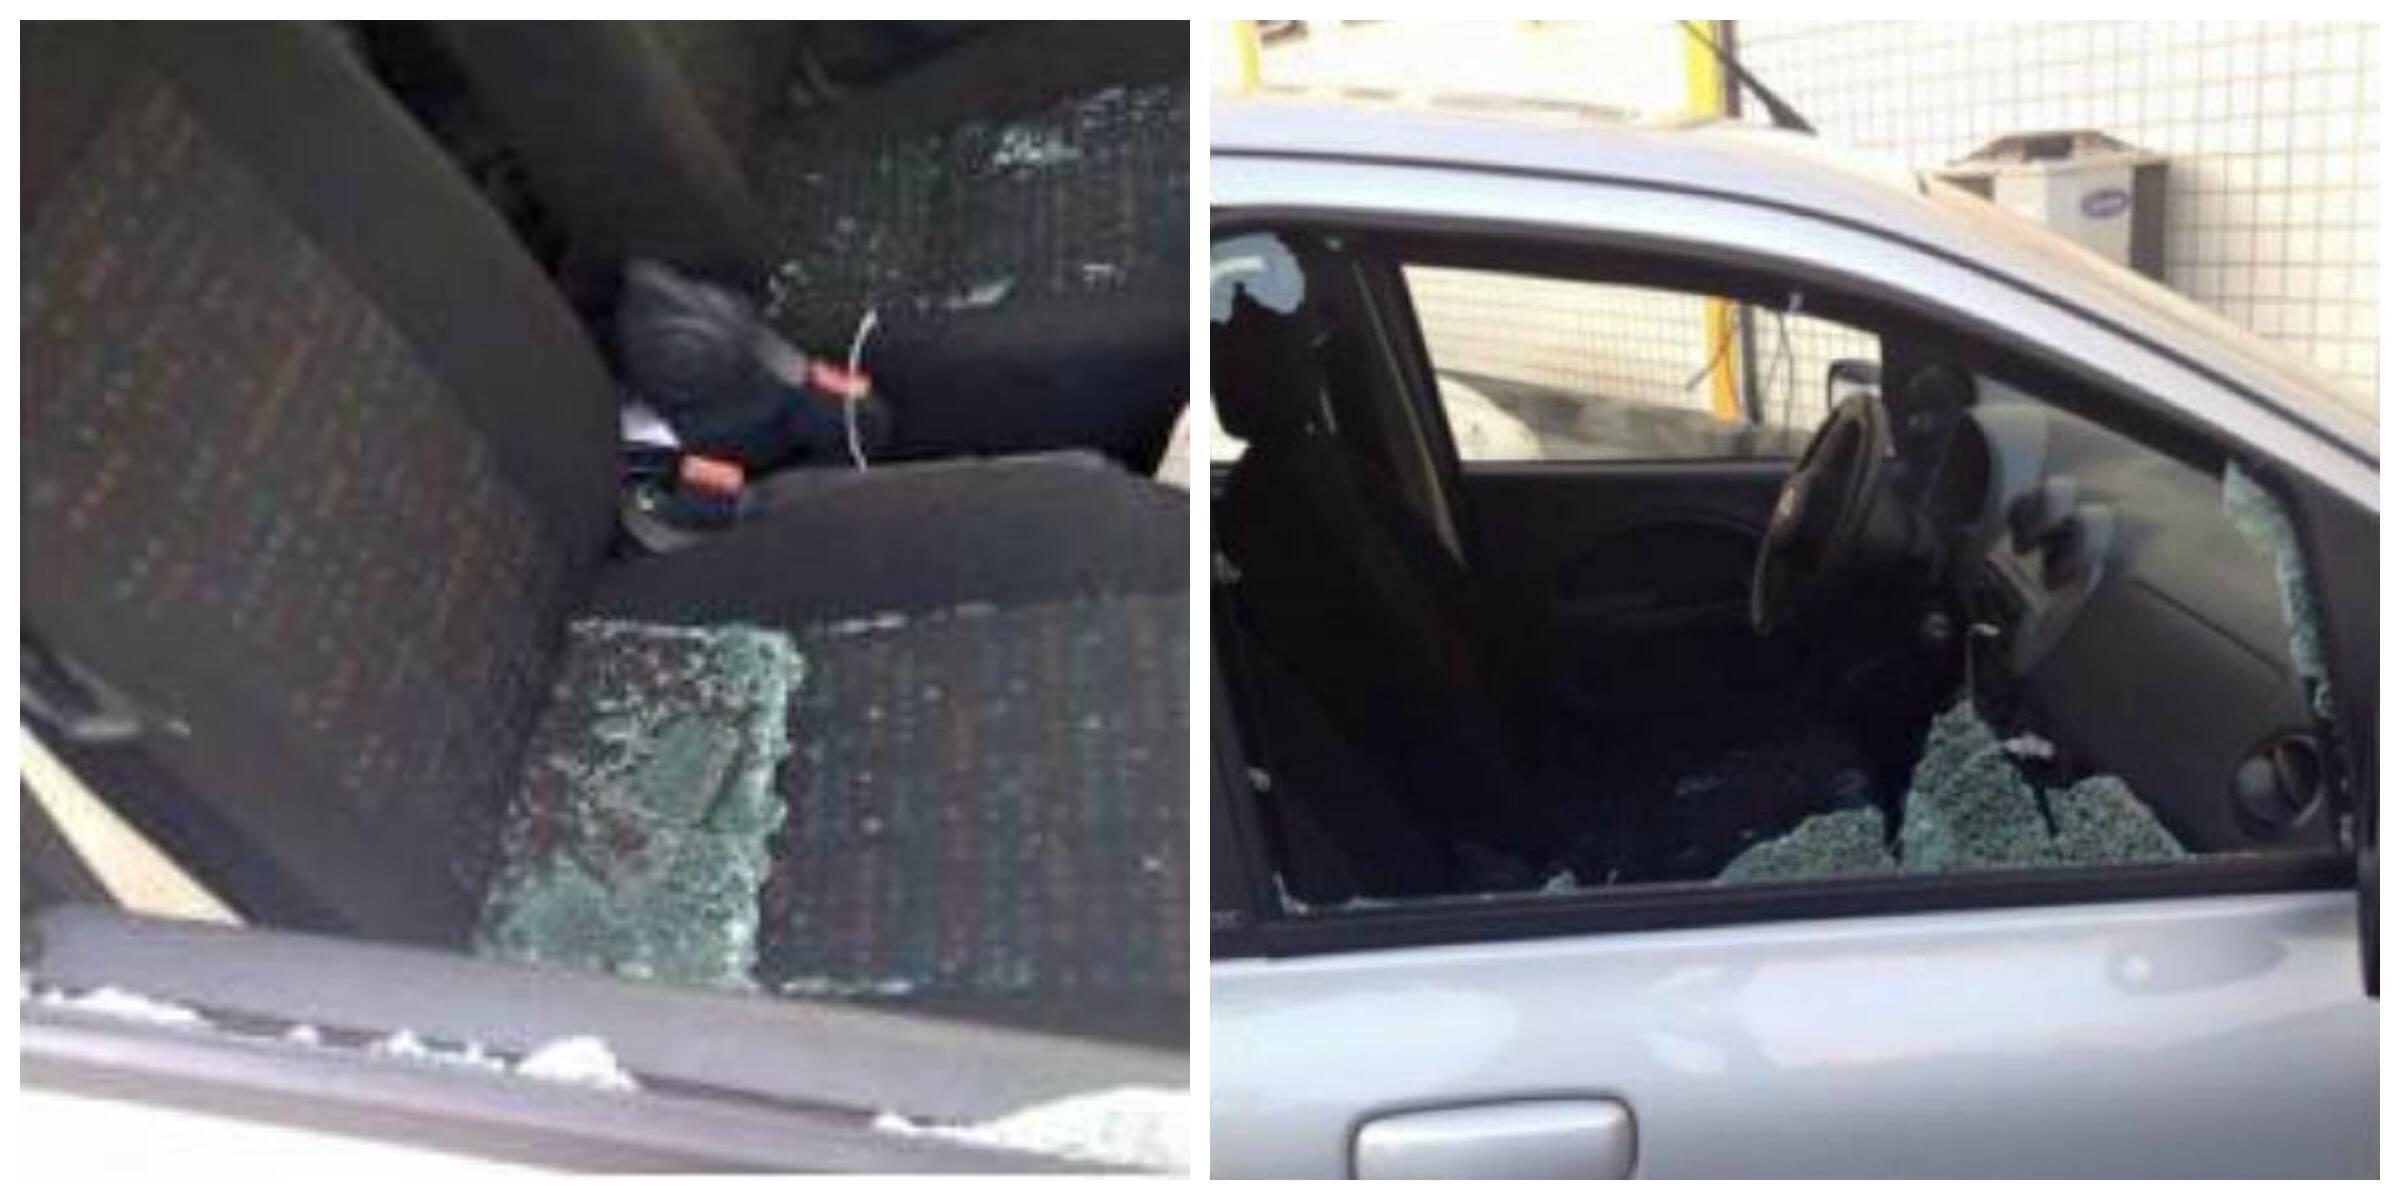 Os vidros estilhaçados do Fiat atingido pelo skate do ladrão motoqueiro / Fotos: Karla Vilar